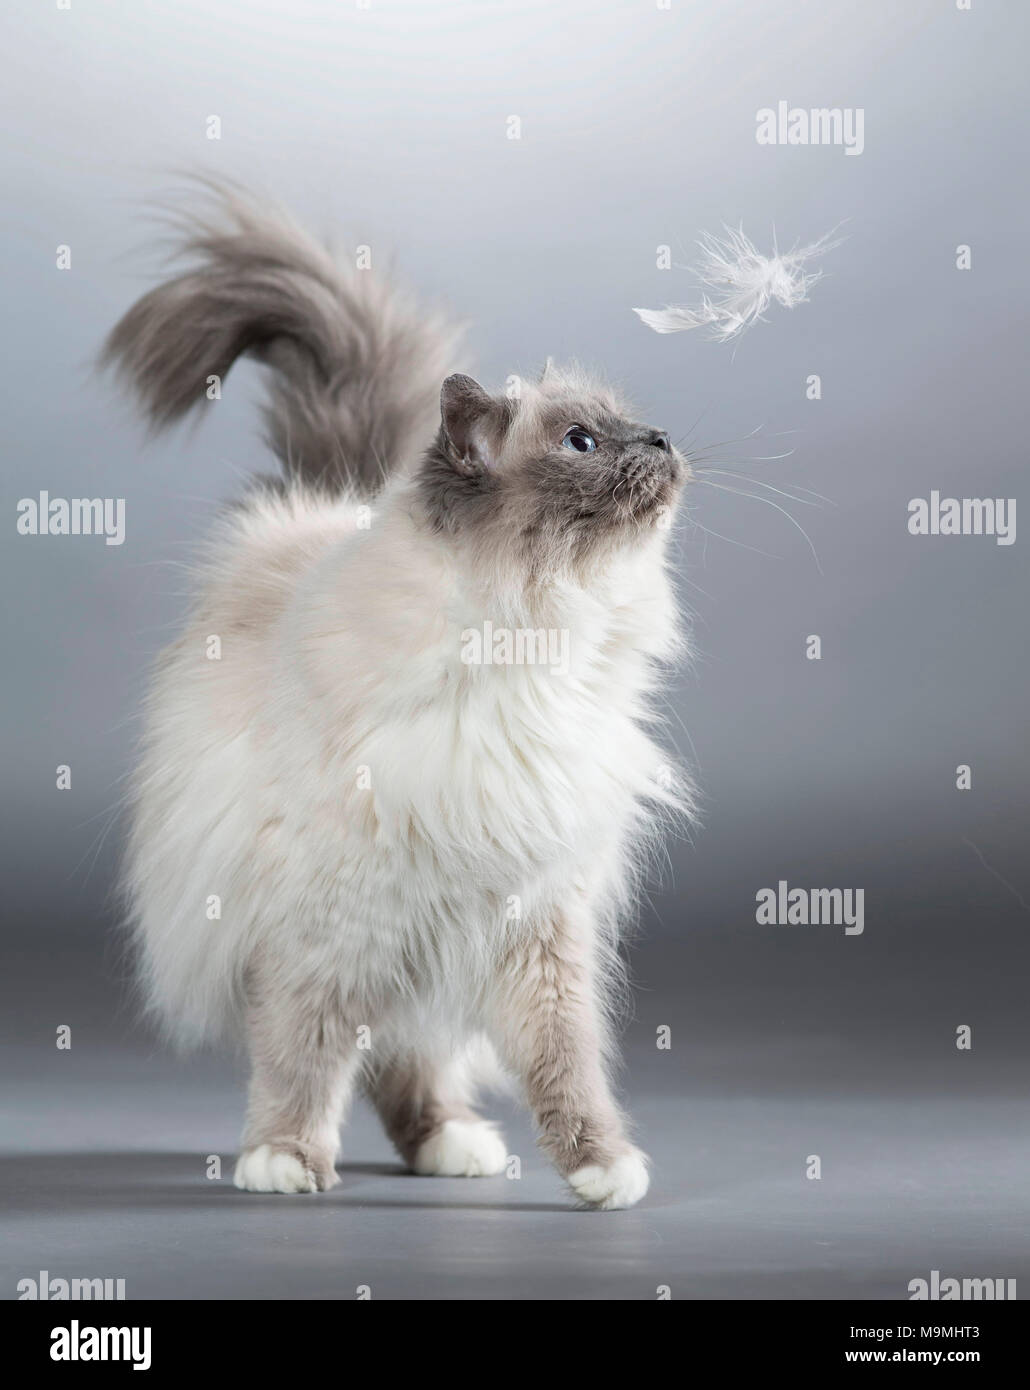 Gatto sacri di birmania. Gatto adulto guardare giù la caduta verso il basso. Studio Immagine contro uno sfondo grigio. Germania Immagini Stock